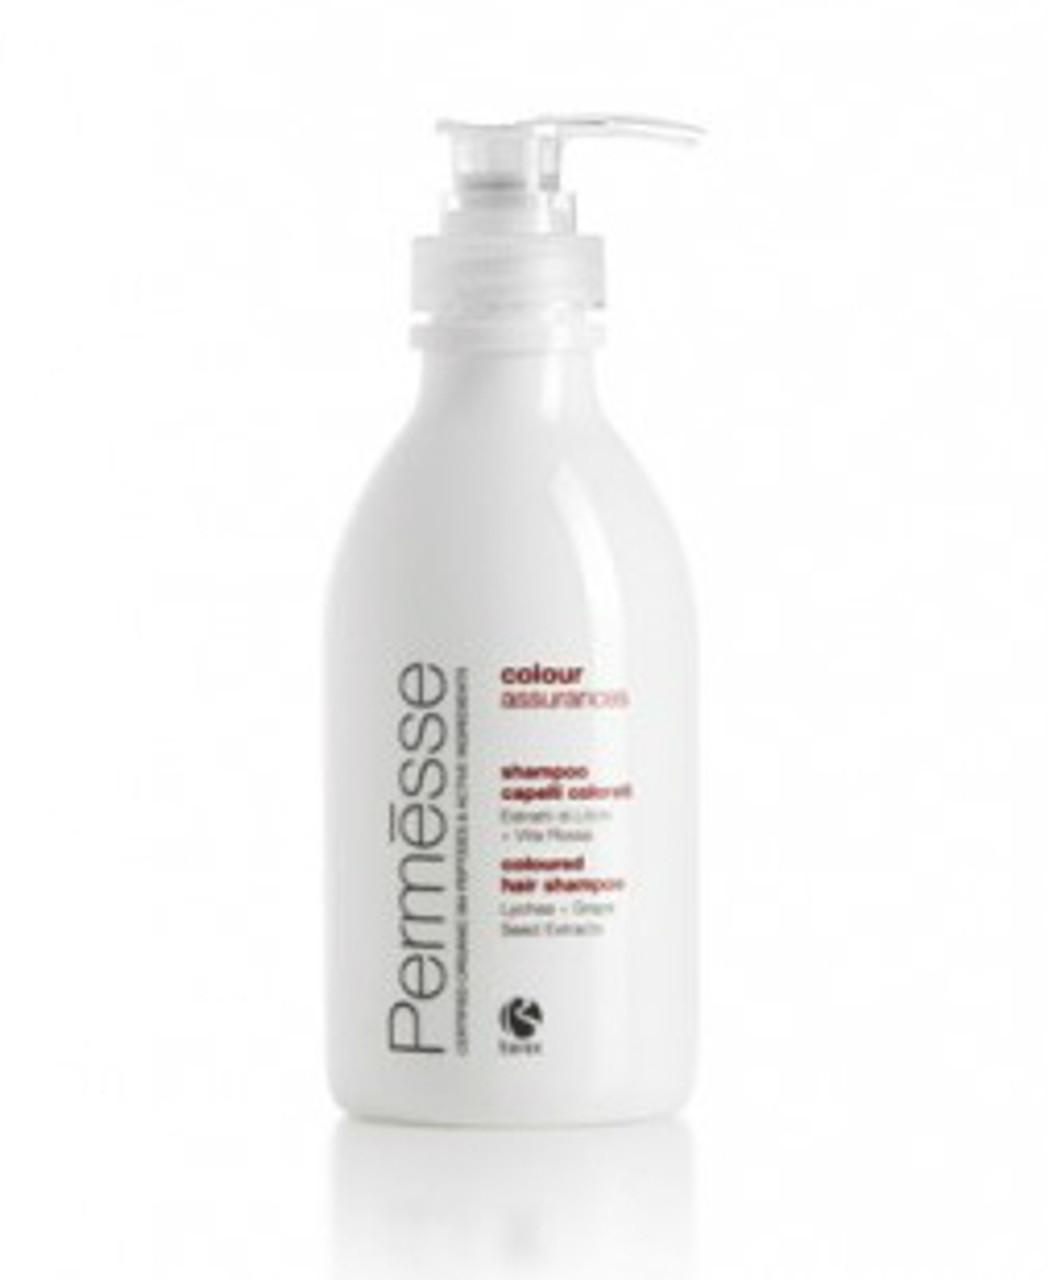 Barex Italiana Colour Assurance Shampoo, 8.5 fl oz 250 ml